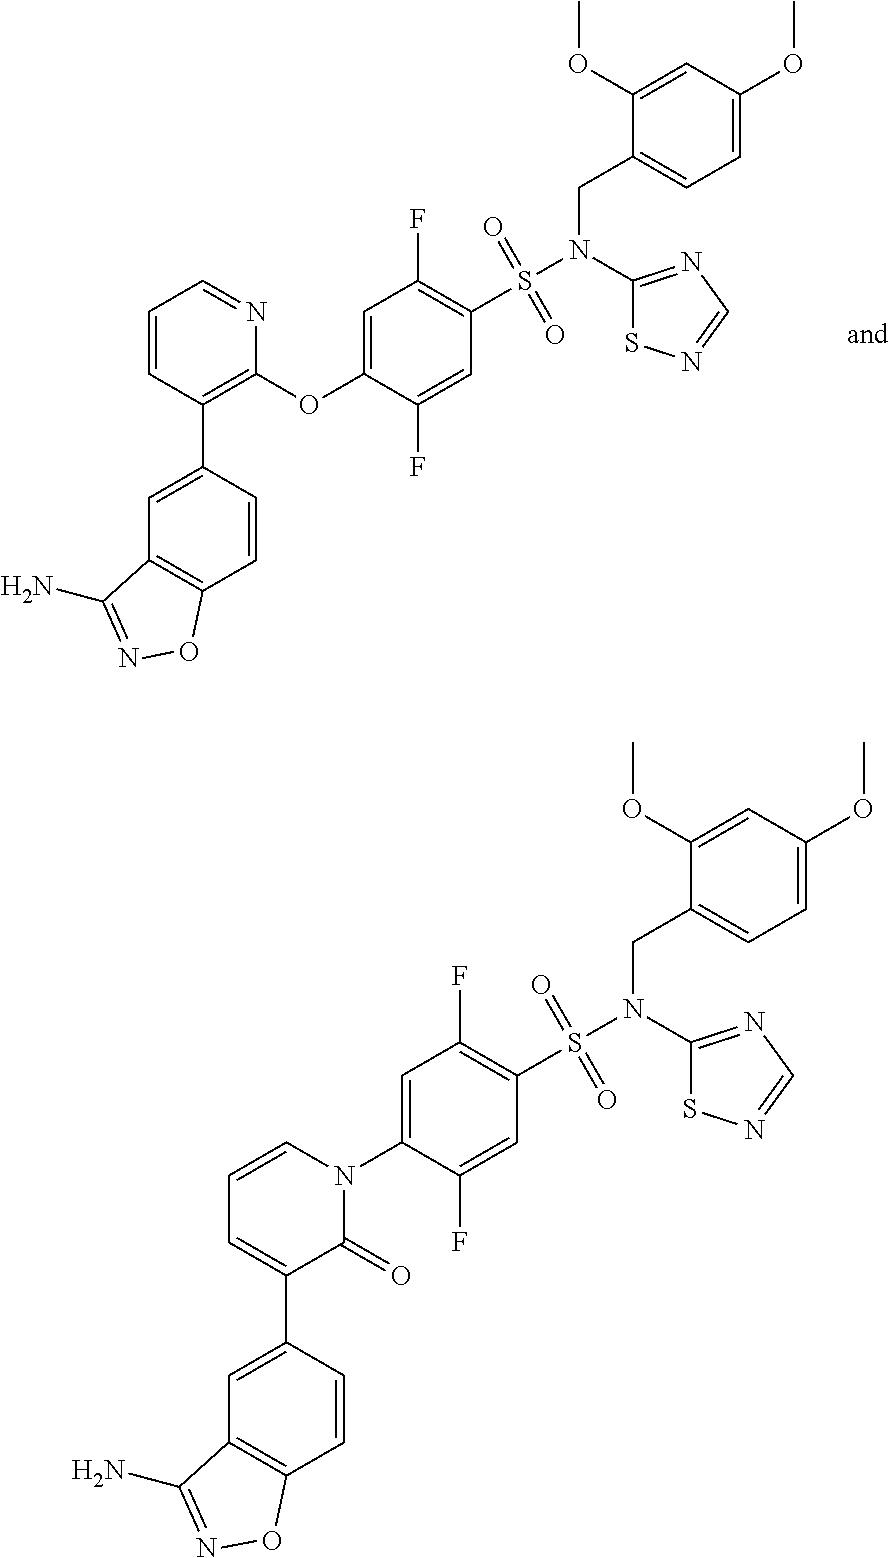 Figure US09481677-20161101-C00111